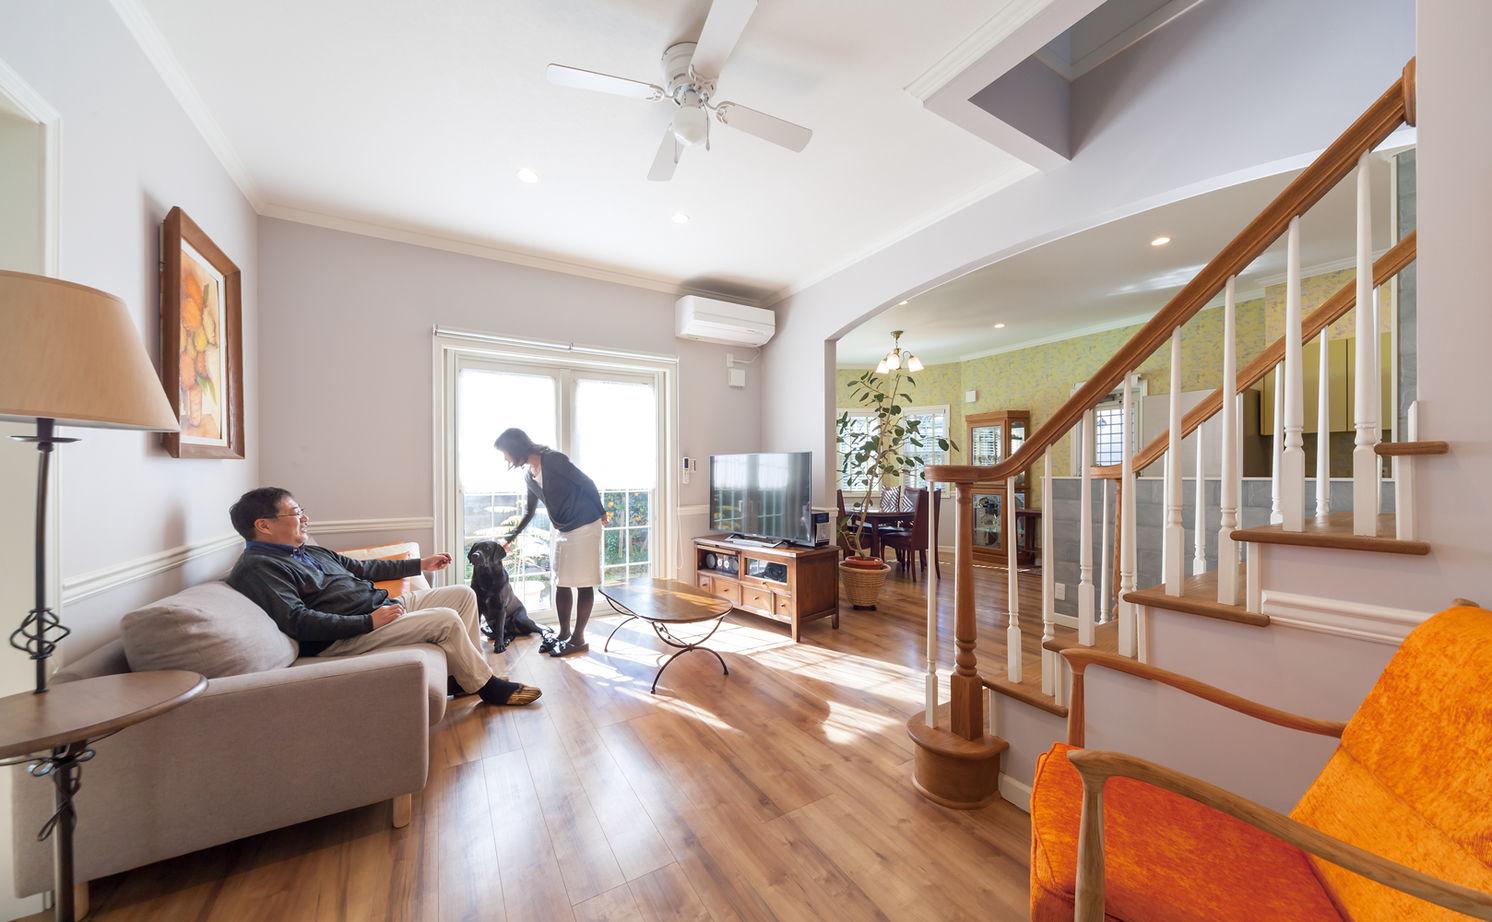 【1000万円台・間取り図公開】アメリカ住宅の軽やかなデザインを再現。リビング階段とパノラマ窓のある家画像2